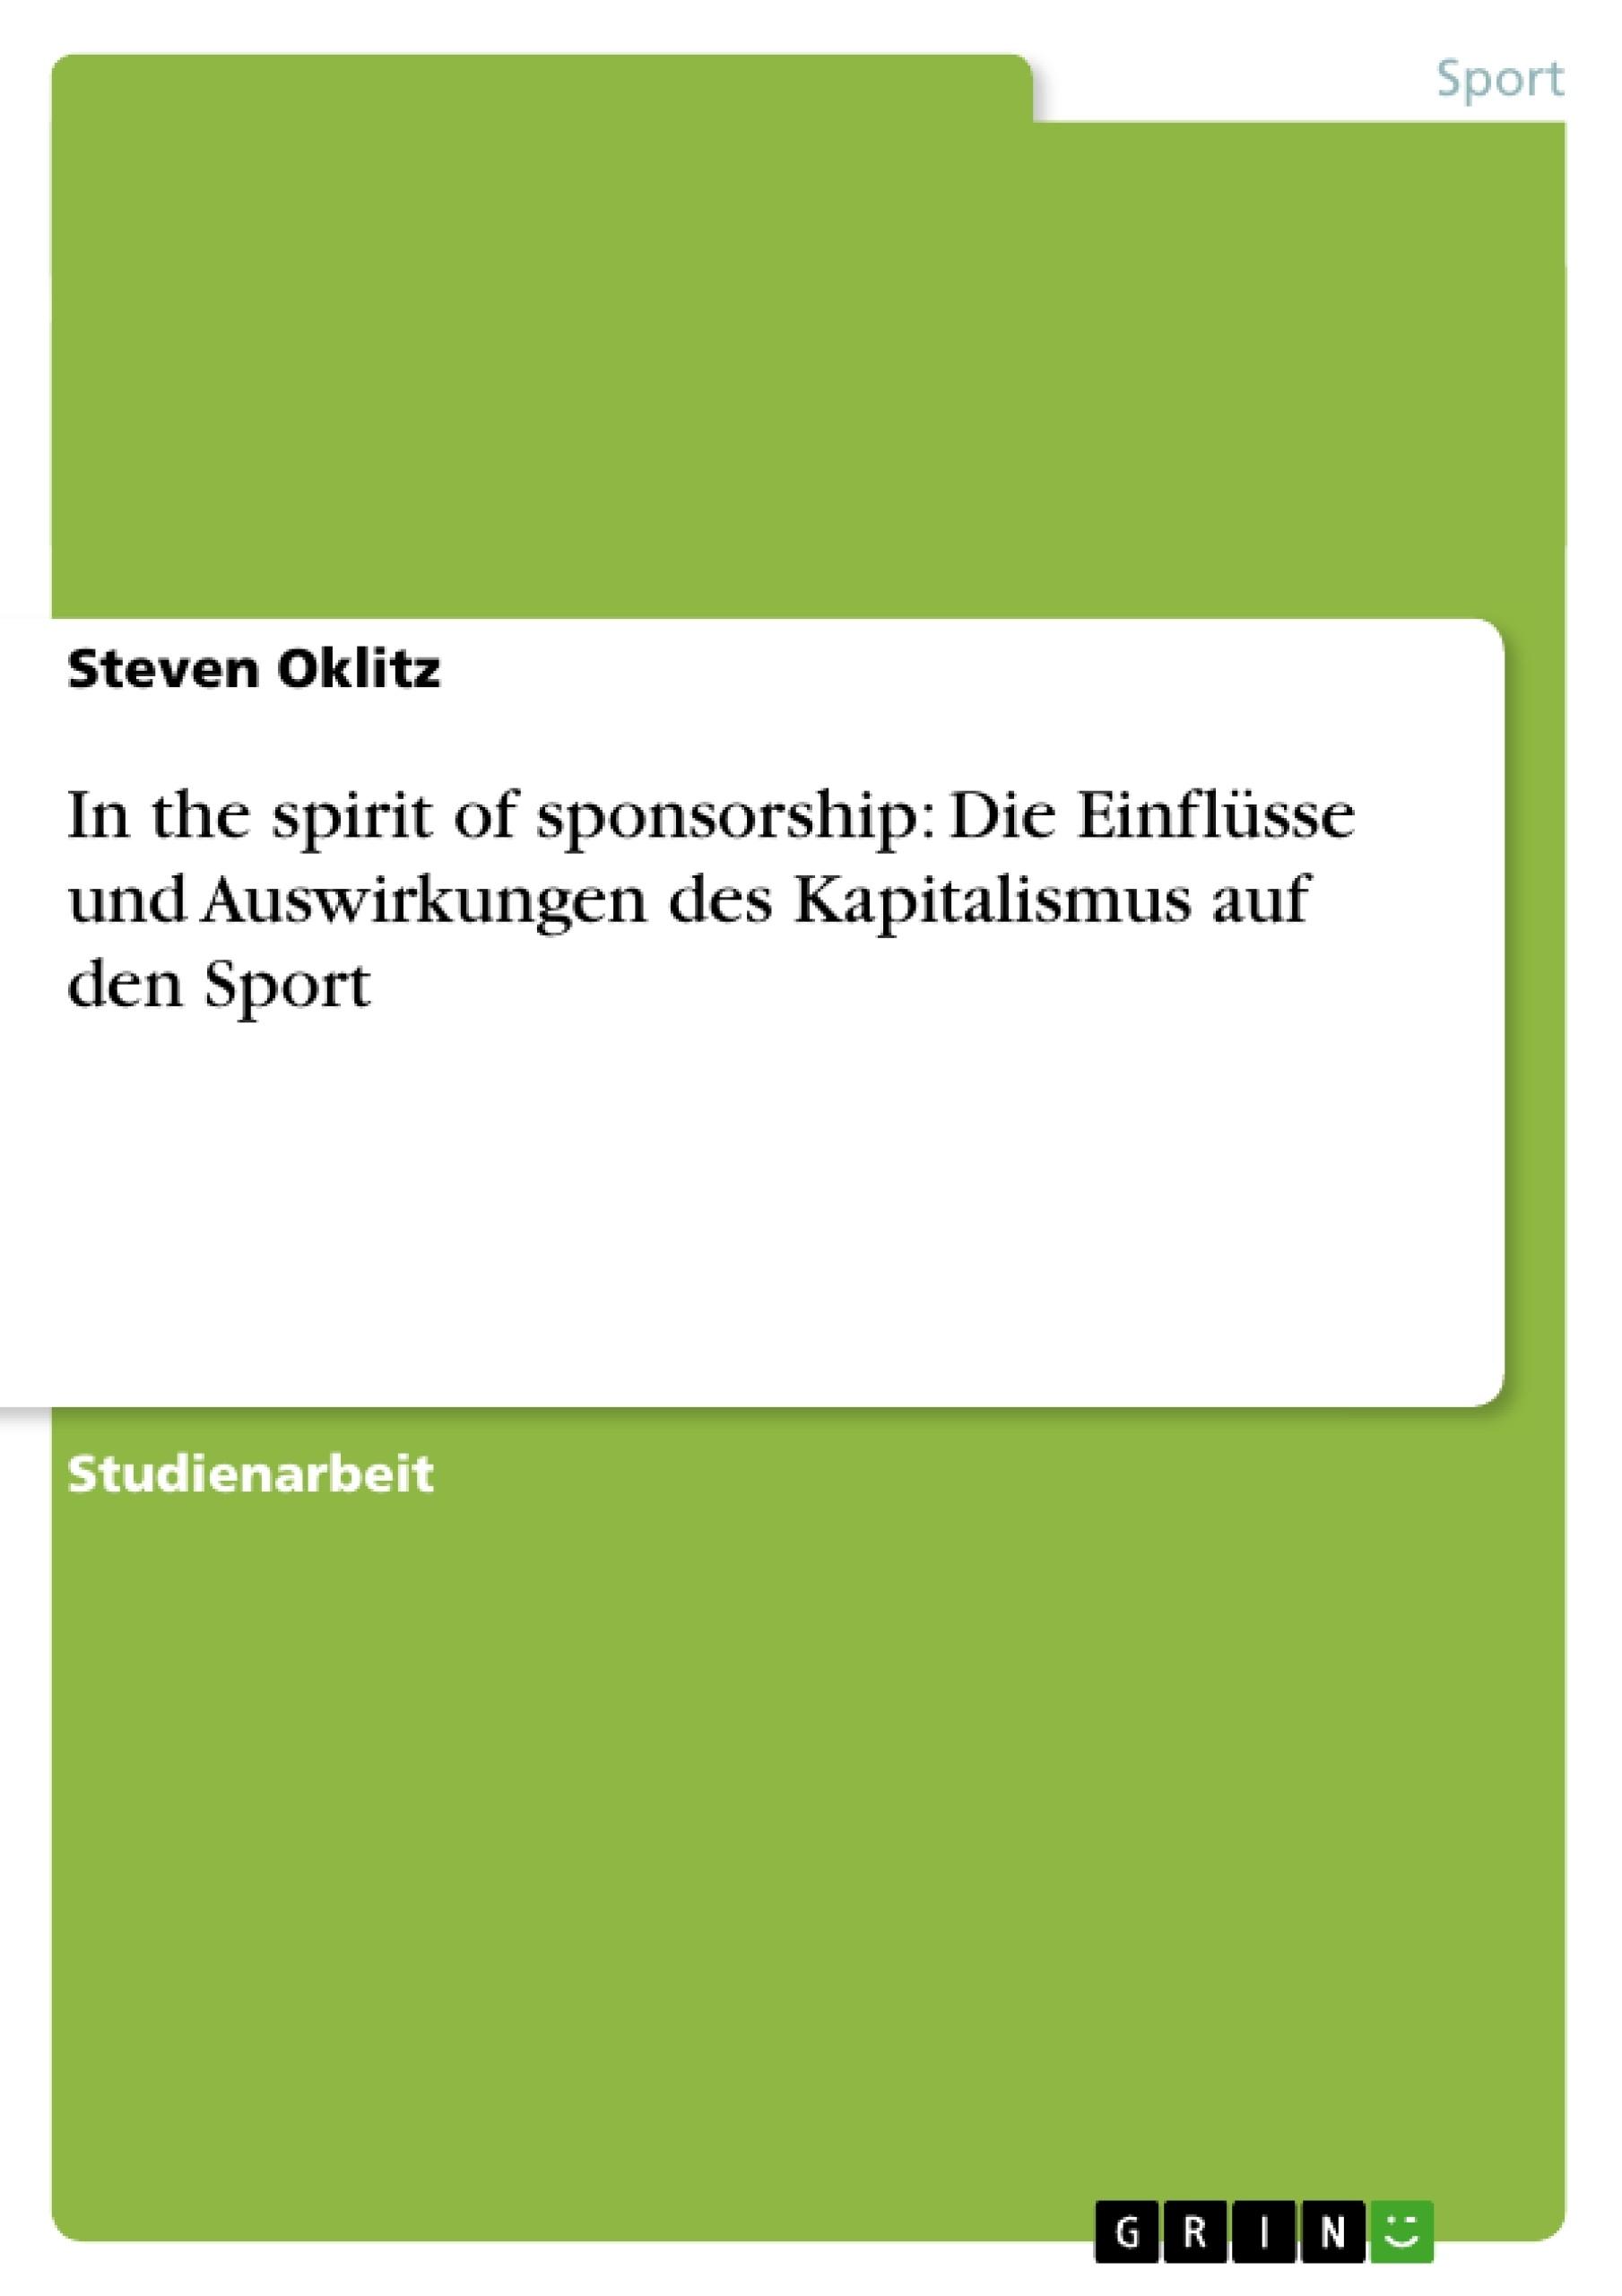 Titel: In the spirit of sponsorship: Die Einflüsse und Auswirkungen des Kapitalismus auf den Sport